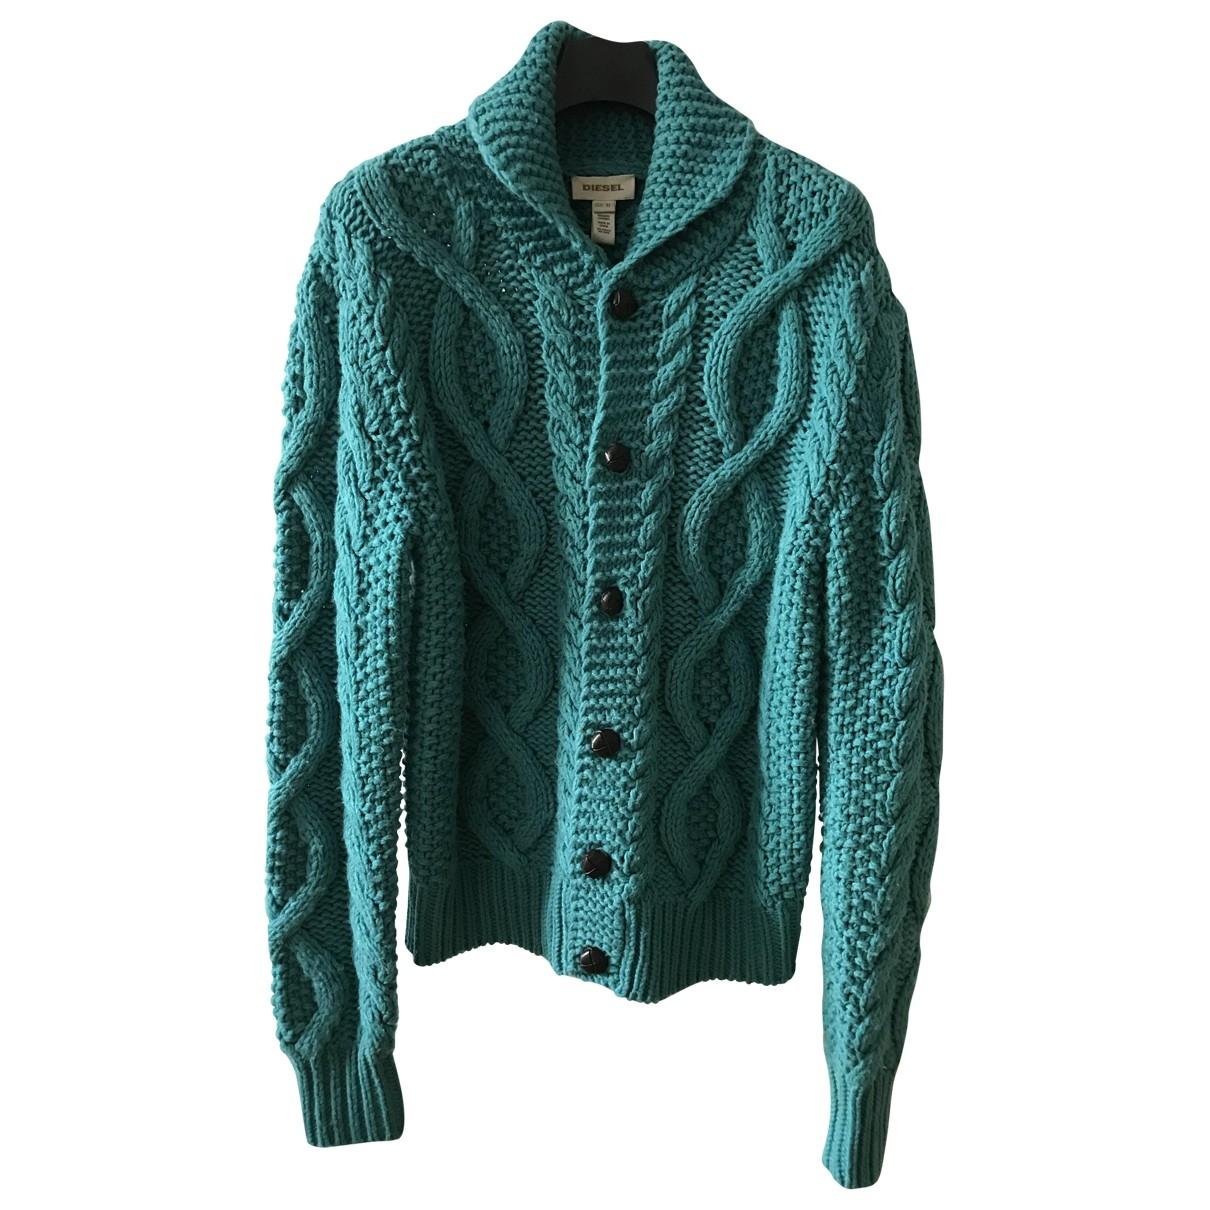 Diesel - Pulls.Gilets.Sweats   pour homme en laine - turquoise